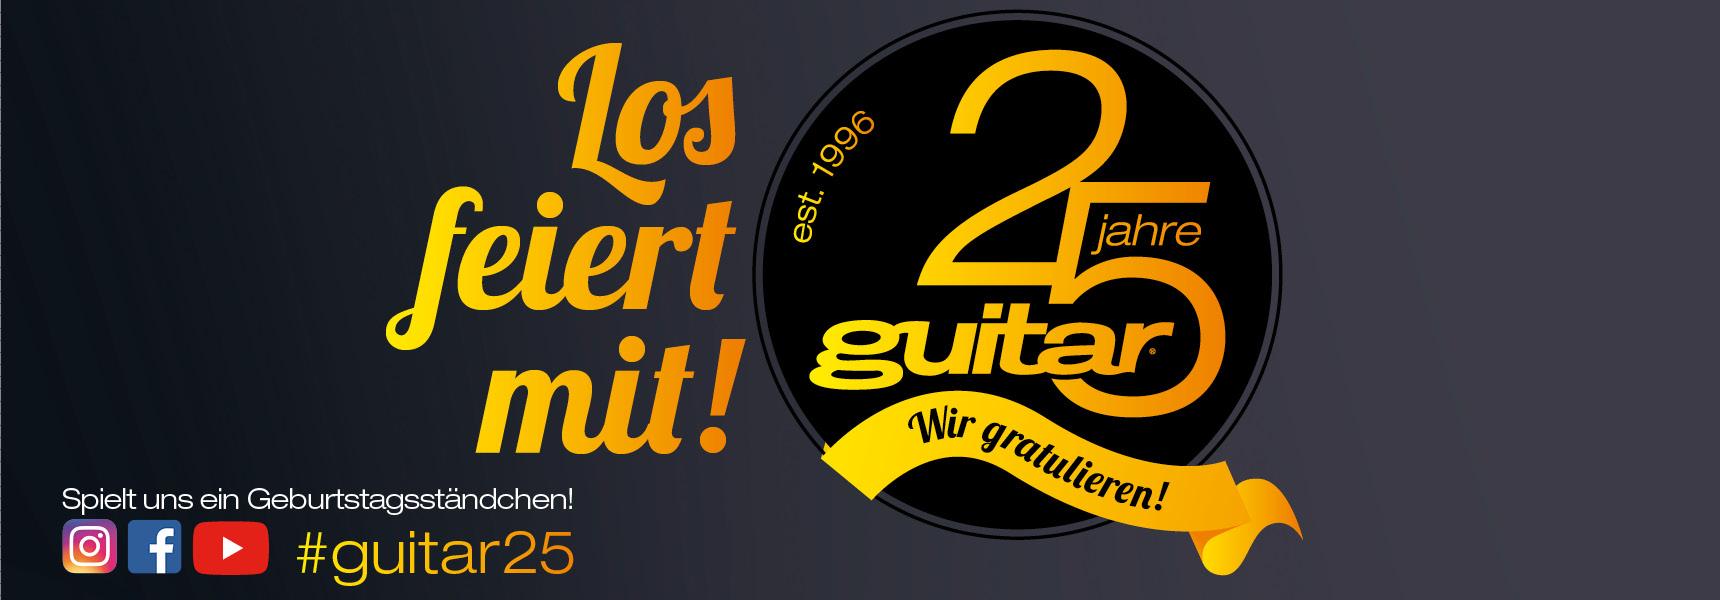 guitar-Jubiläum 25 Jahre